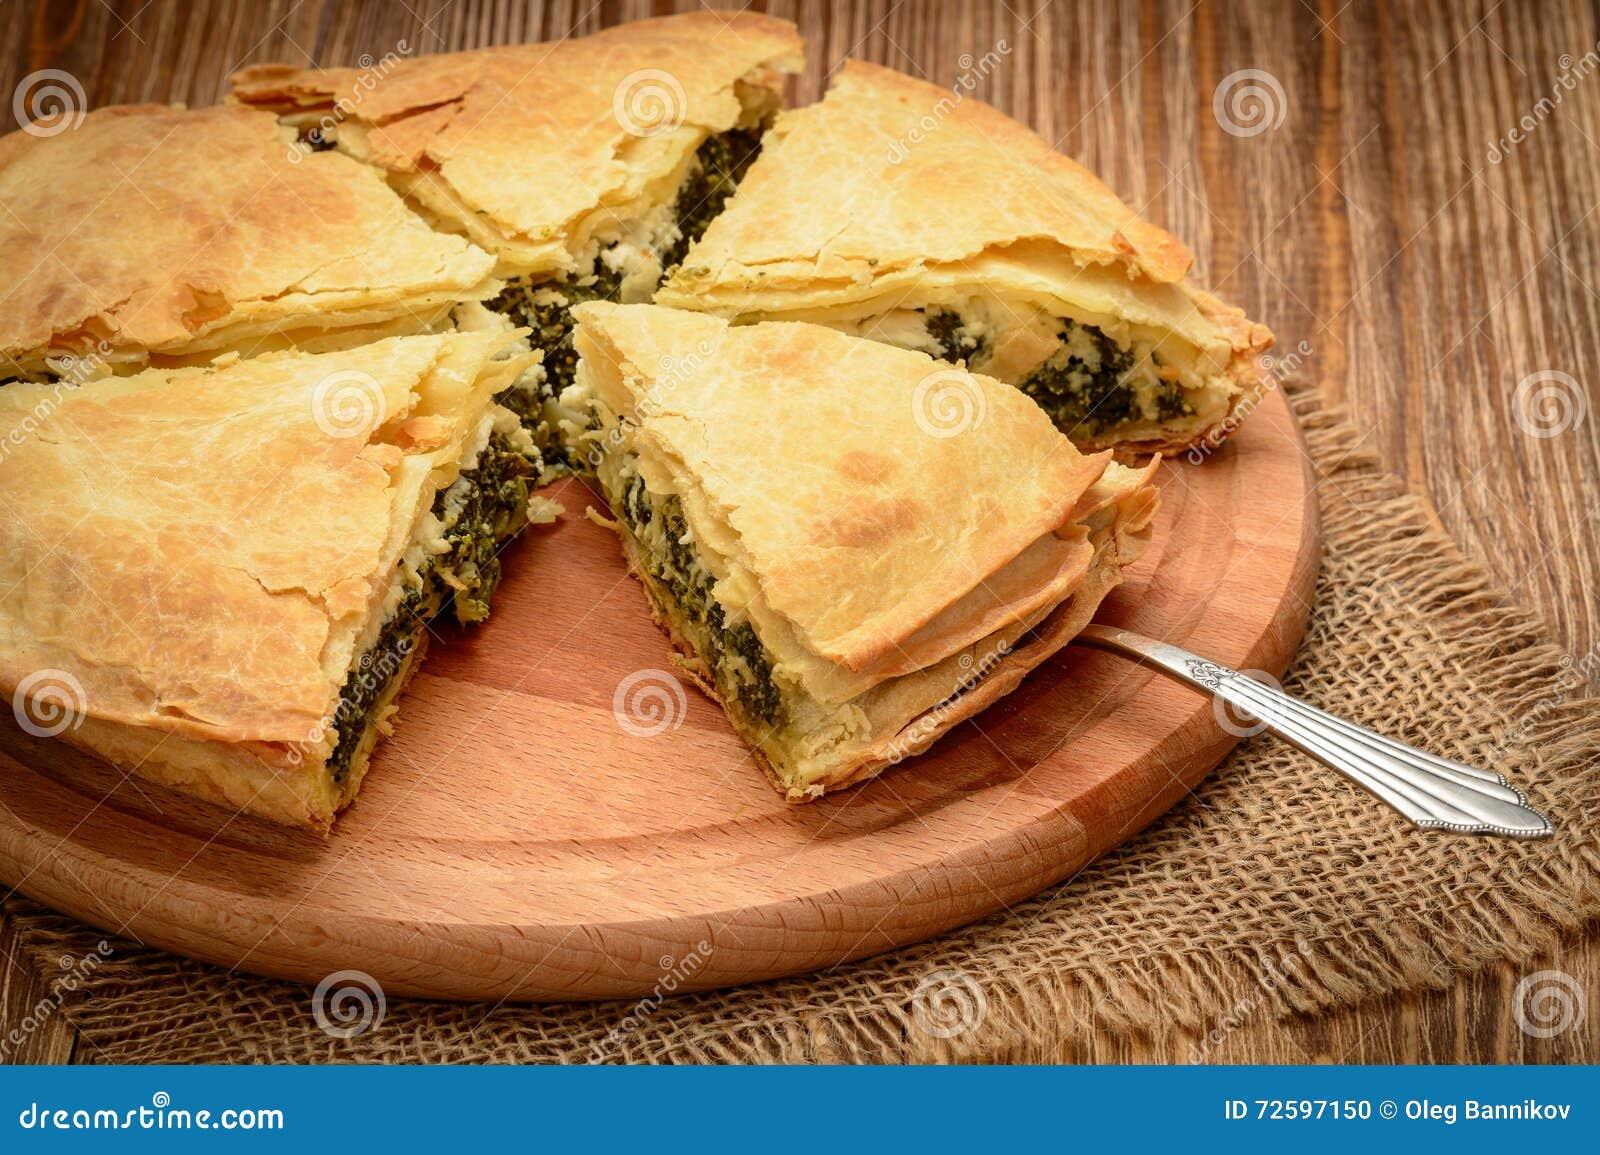 Köstliche Torte Mit Spinat Und Feta - Spanakopita, Traditionelle ...